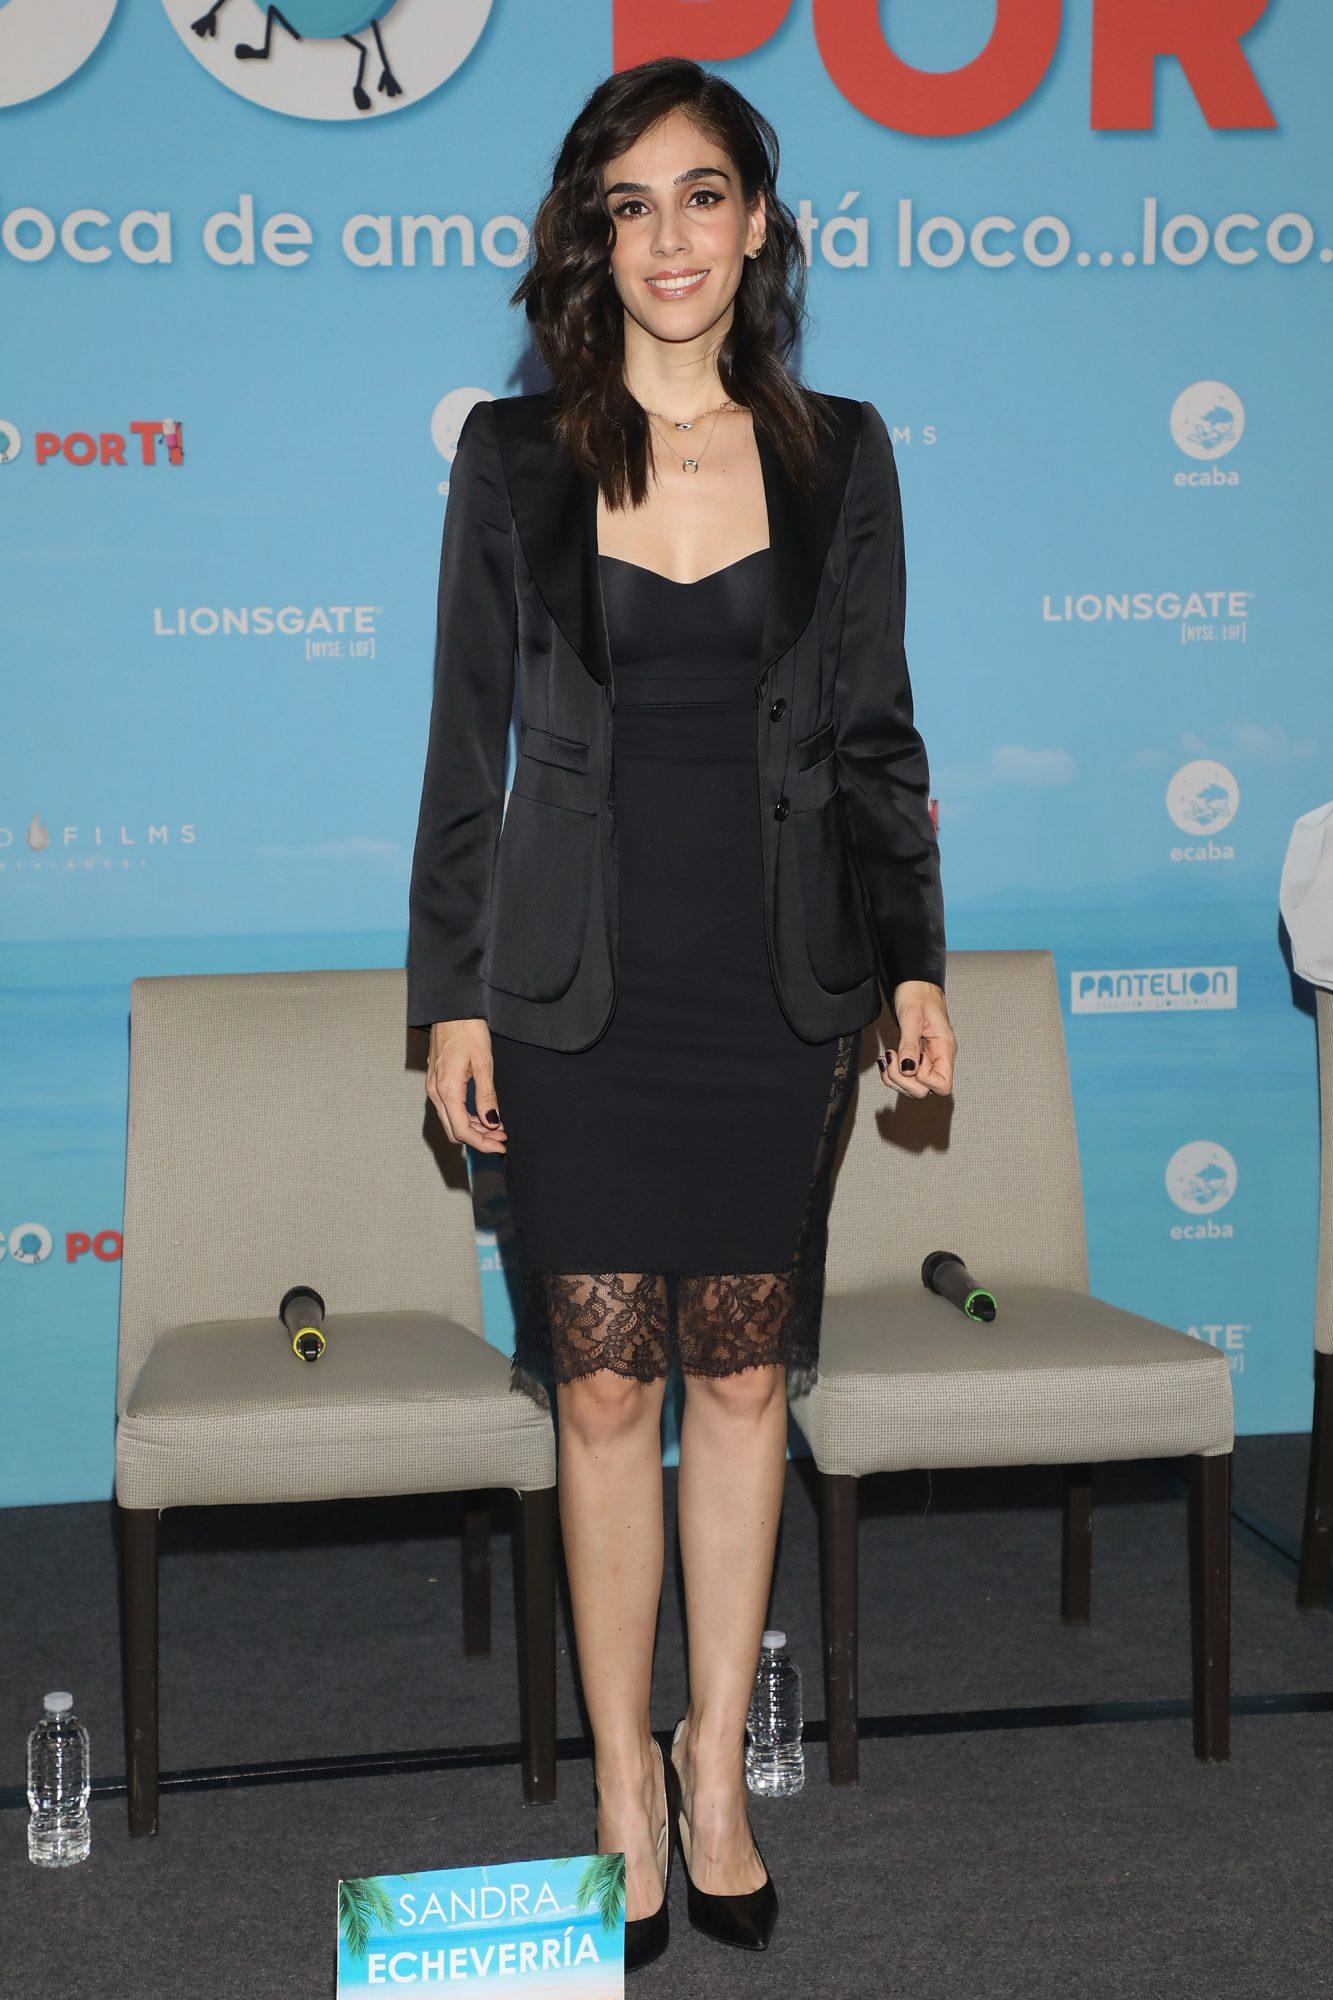 Sandra Echeverría, looks